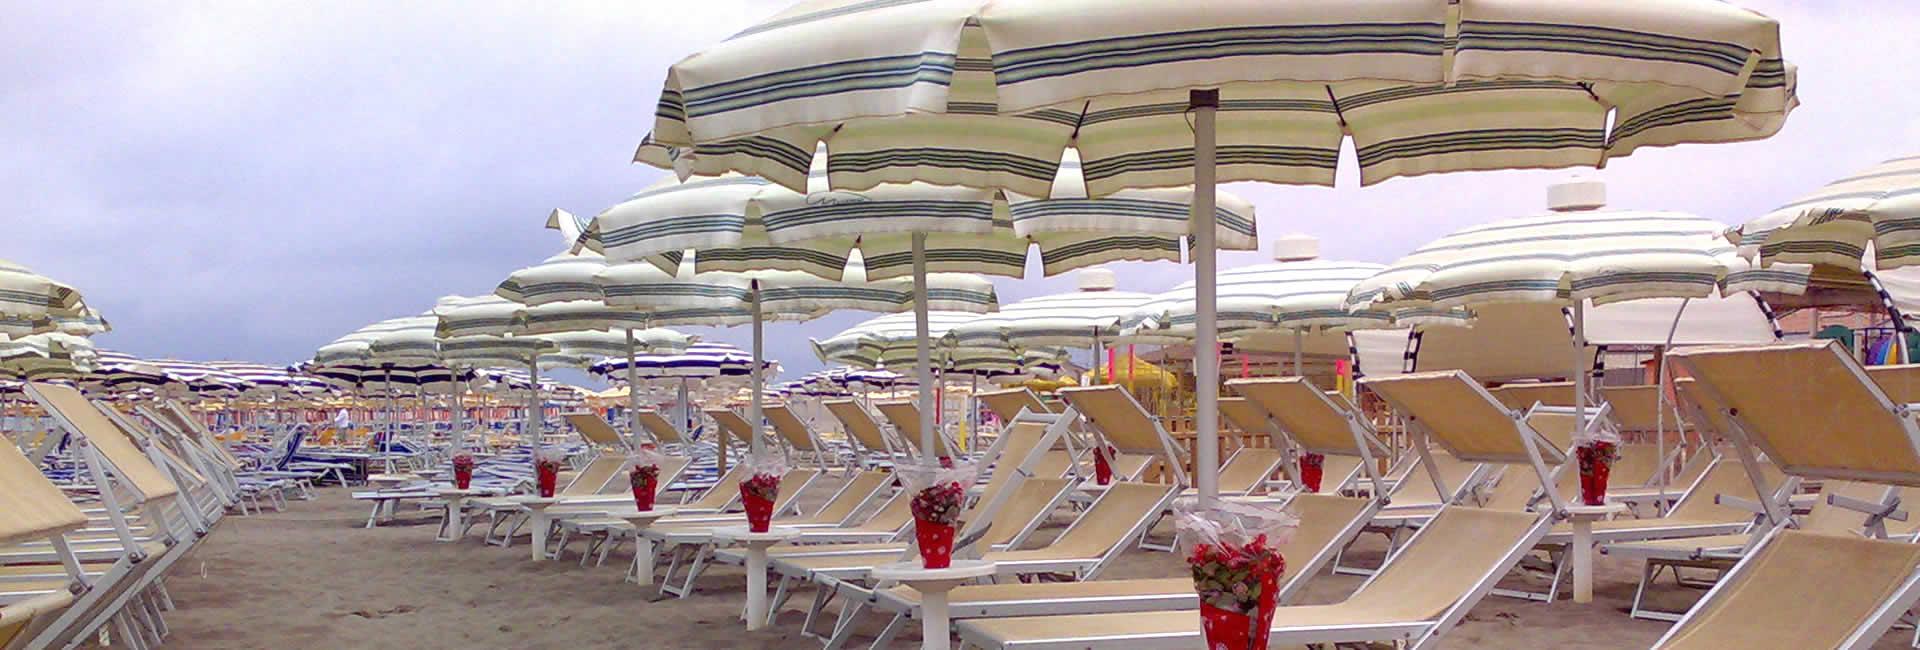 Bagno Moderno Marina Di Grosseto.Bagno Moderno Mare Nella Maremma Toscana Inverno Al Mare